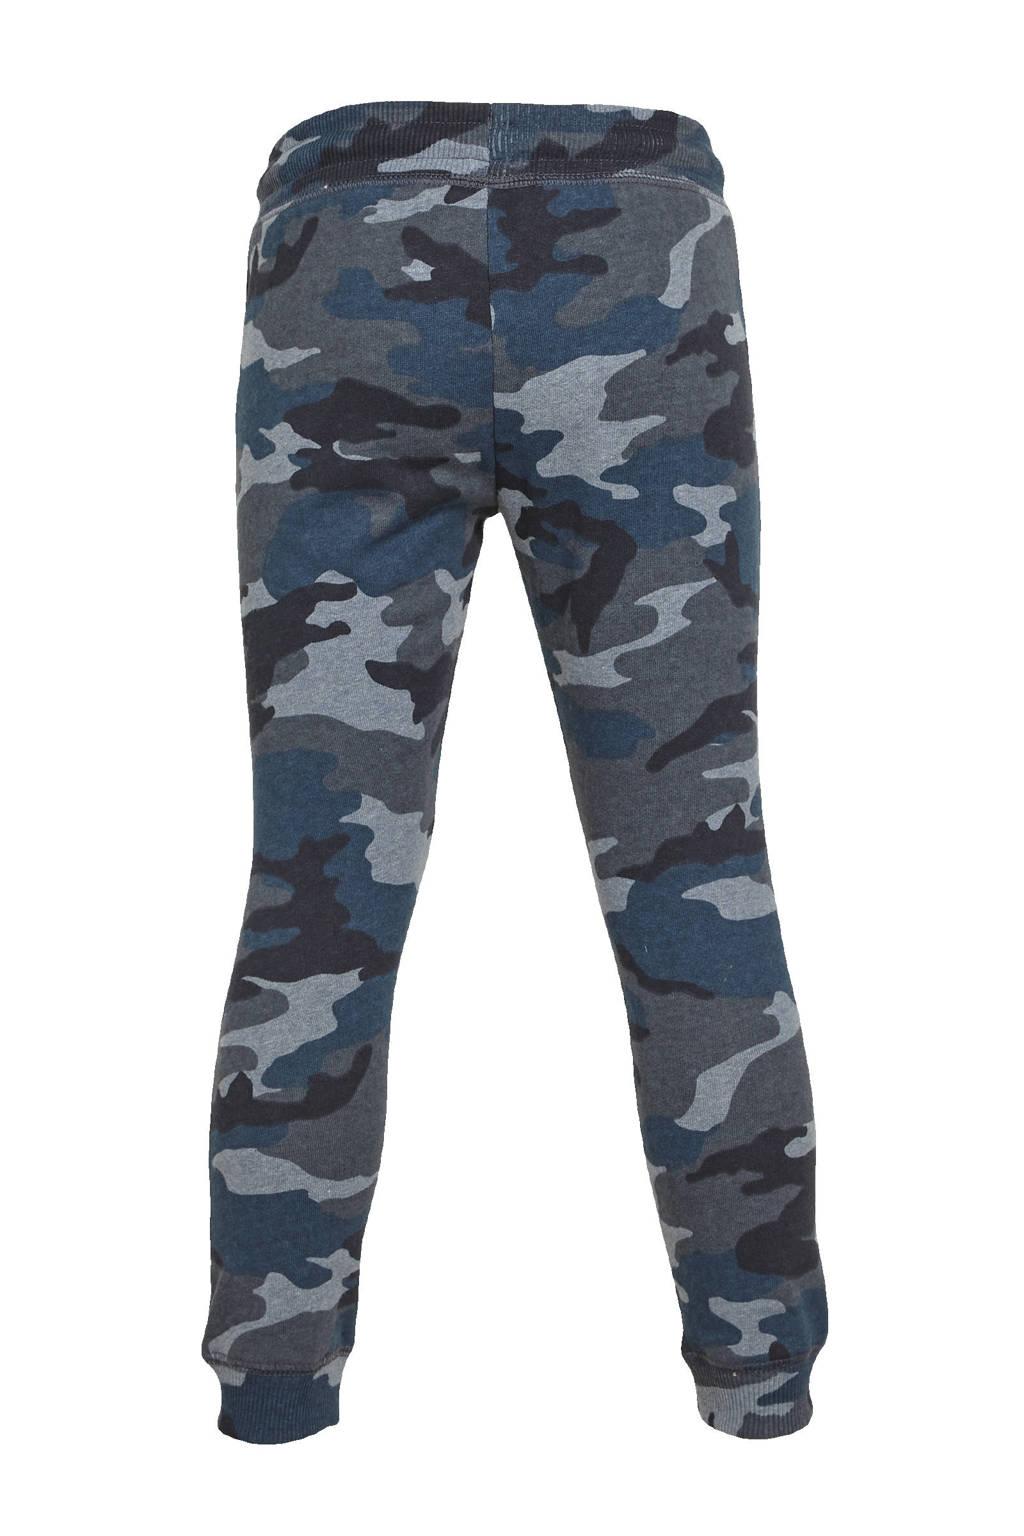 C&A Palomino joggingbroek met camouflageprint blauw/zwart/grijs, Blauw/Zwart/Grijs